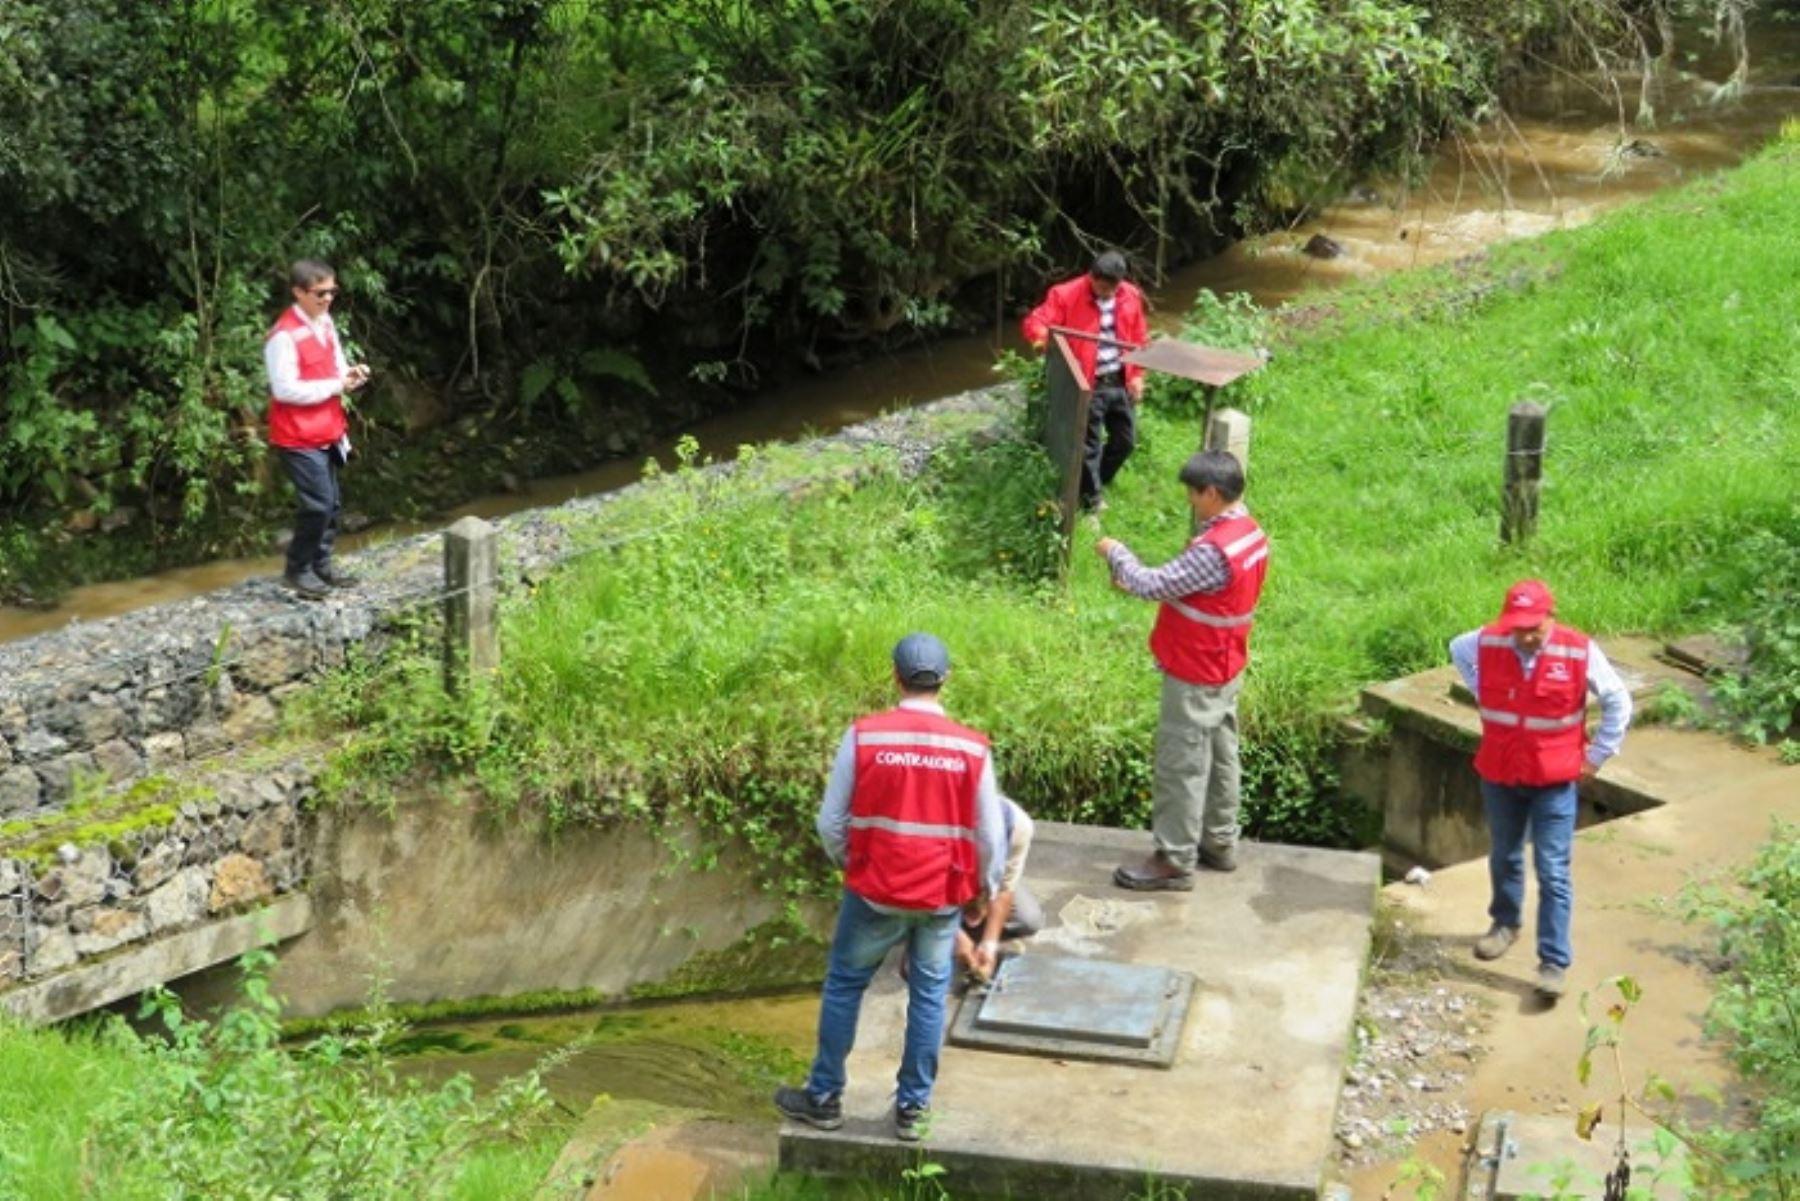 La Contraloría General investiga, principalmente, obras de agua potable y viales, así como contrataciones y adquisiciones.